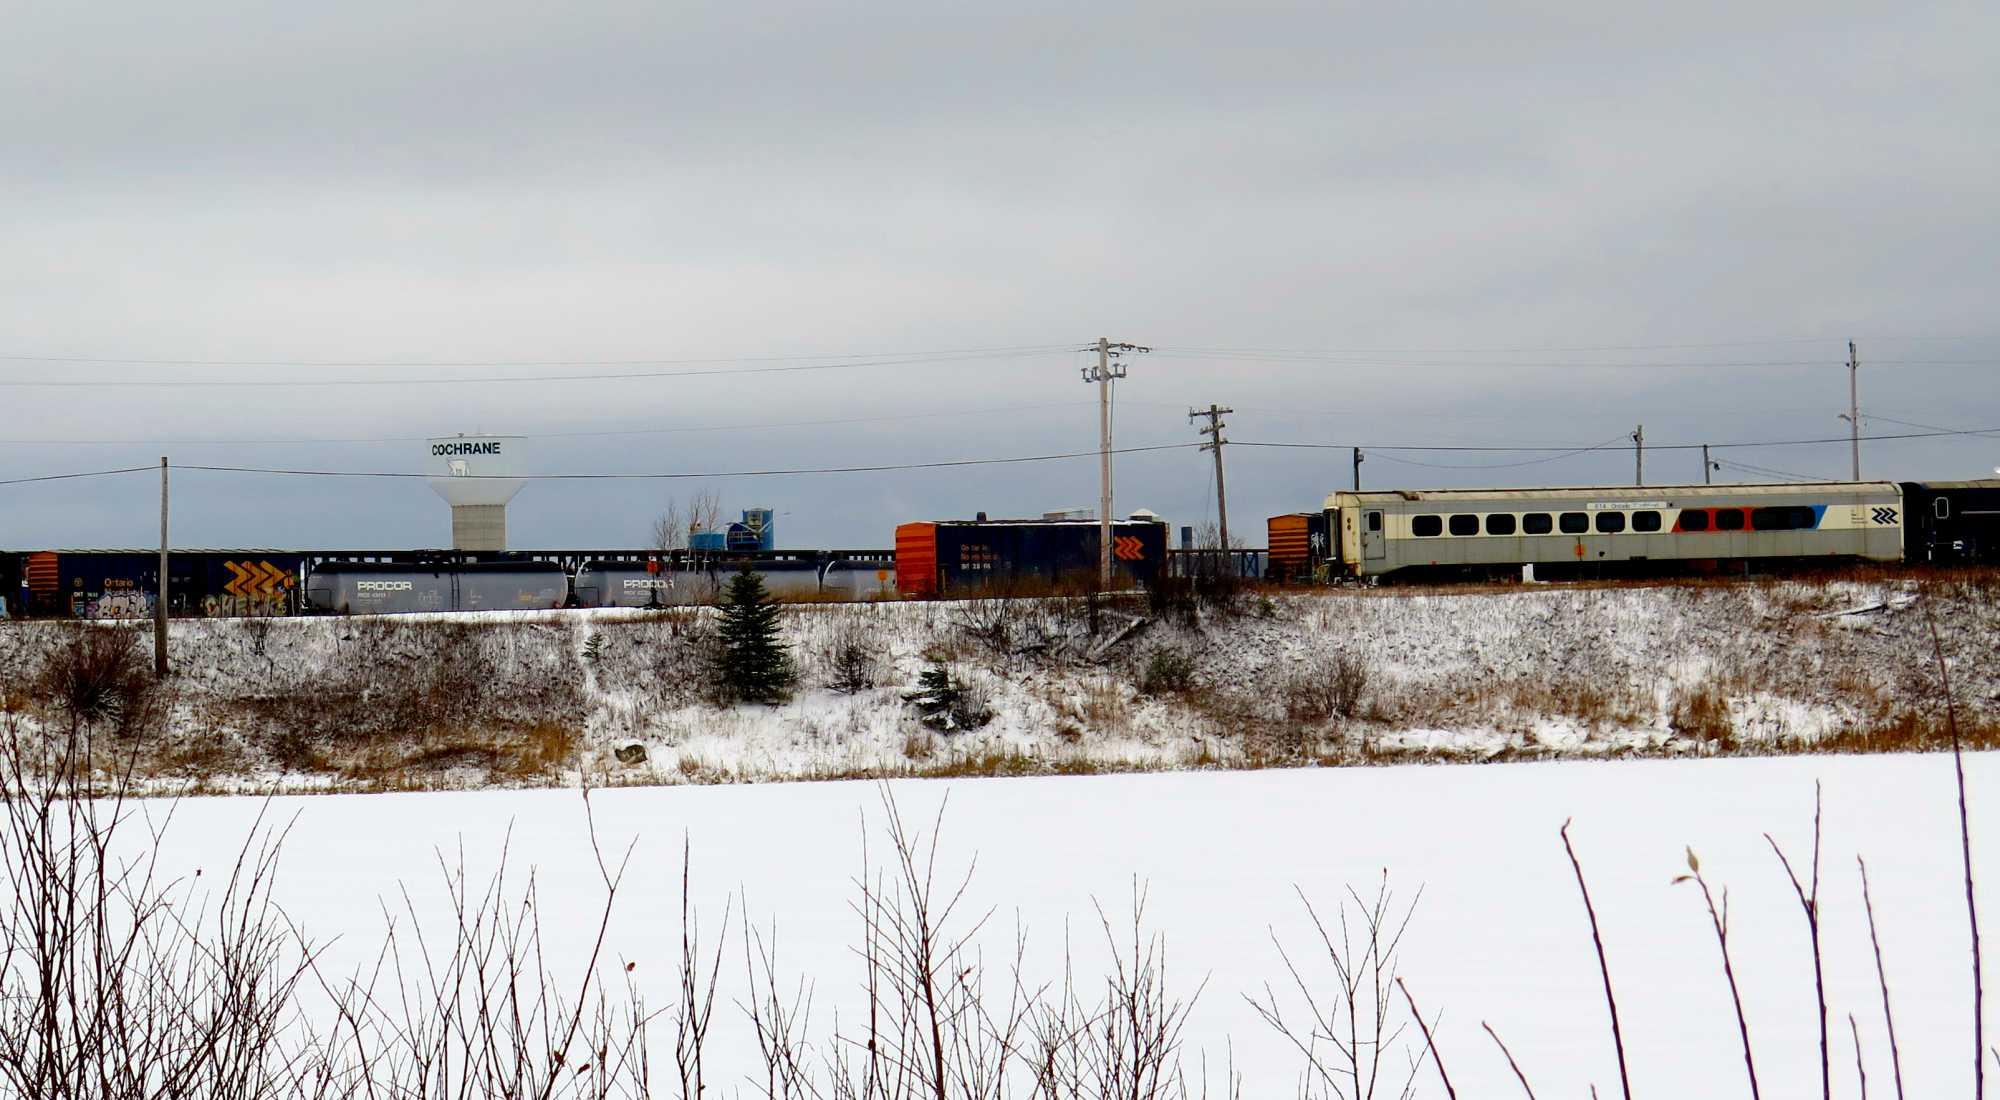 Eisenbahn im Schnee, dahinter Wasserturm